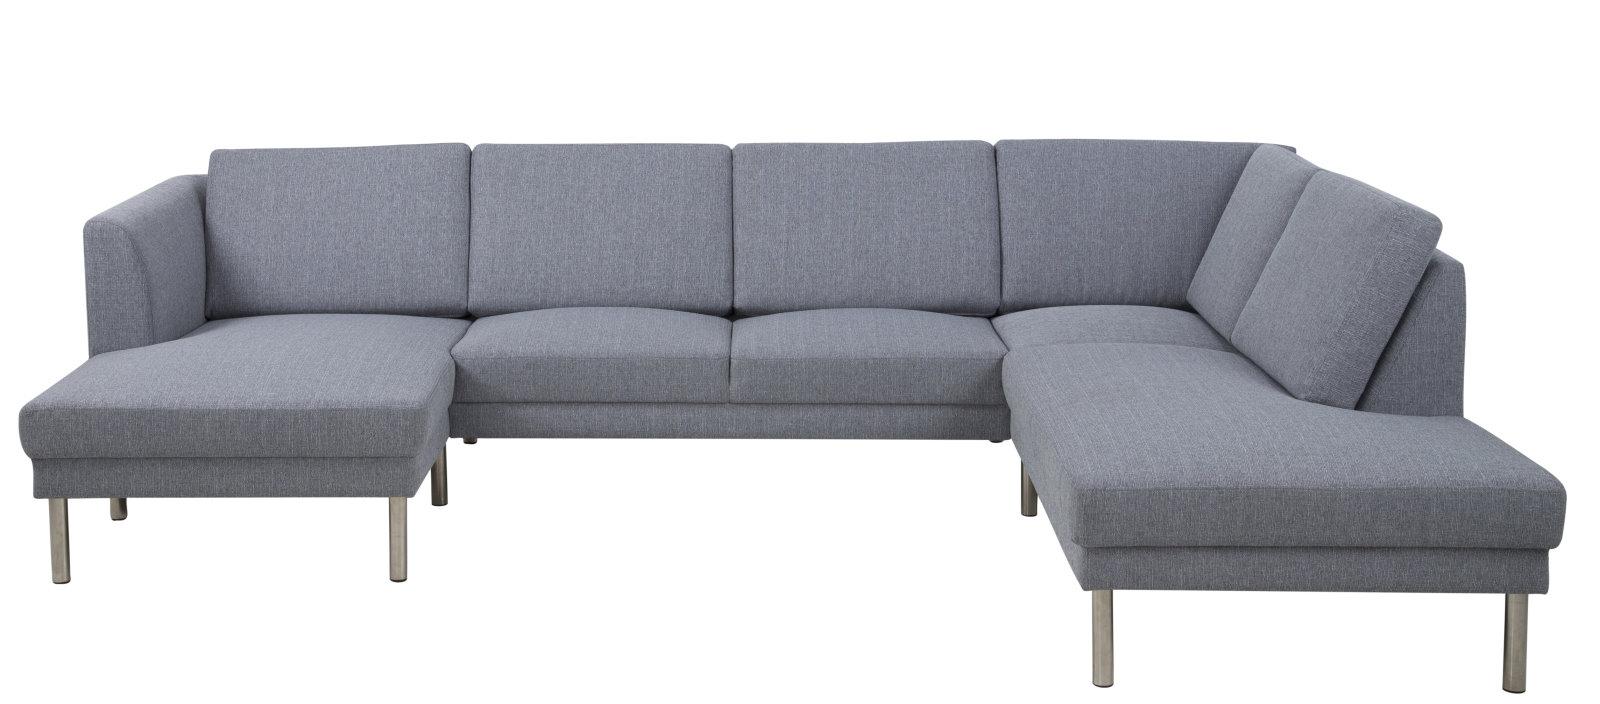 Pkline eckcouch grau couch chaiselounge ecksofa for Wohnzimmer wohnlandschaft